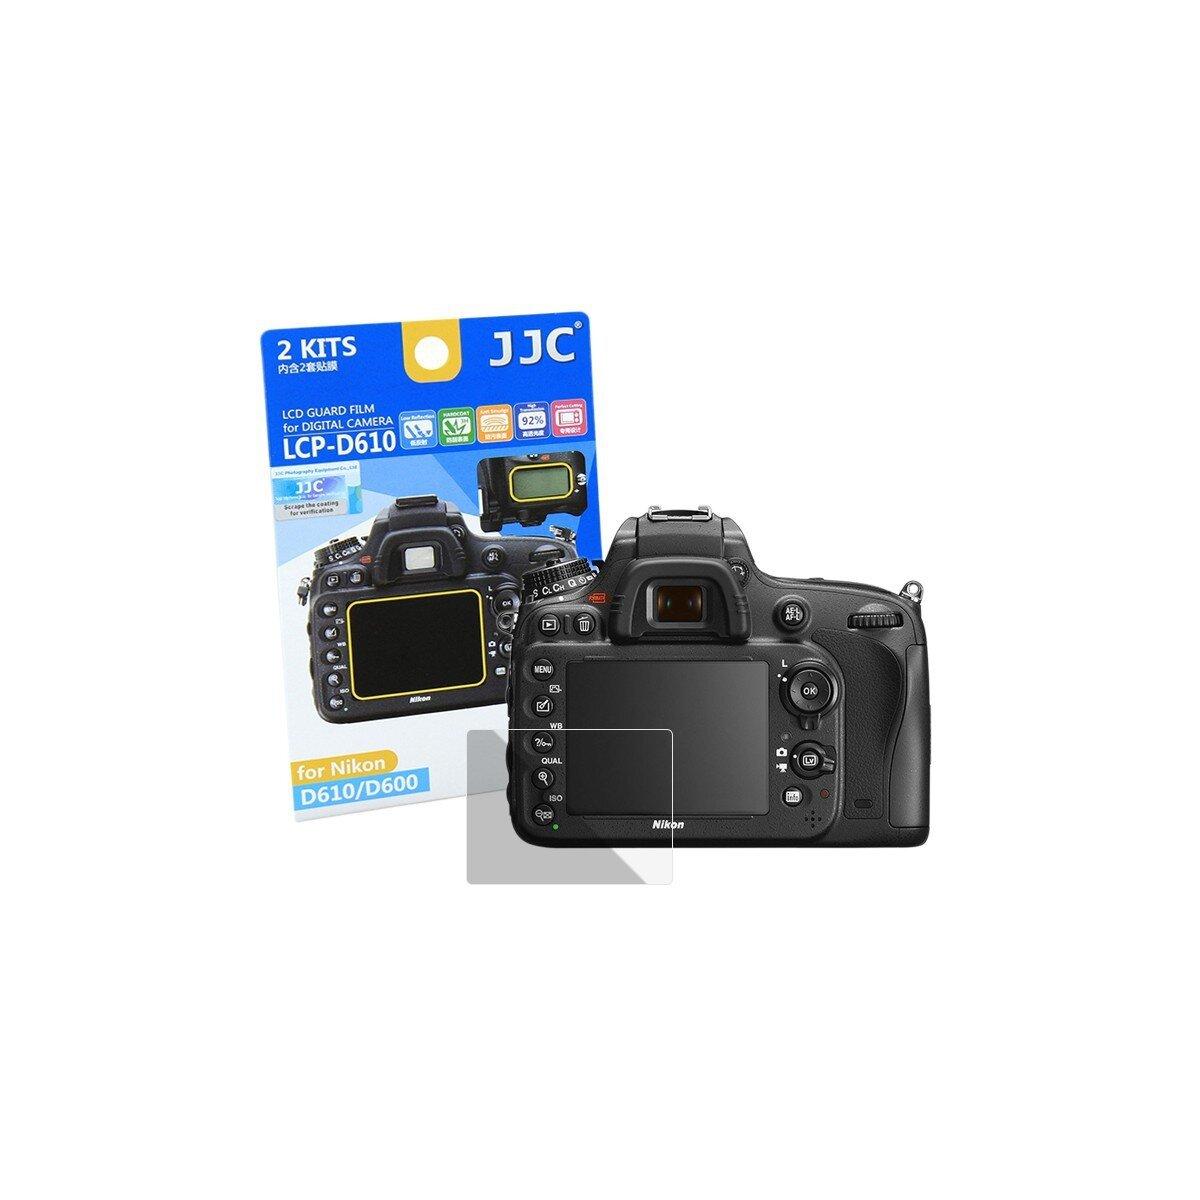 JJC Displayschutzfolie Screen Protector Kratzschutz passgenau kompatibel mit Nikon D600, D610 - LCP-D610